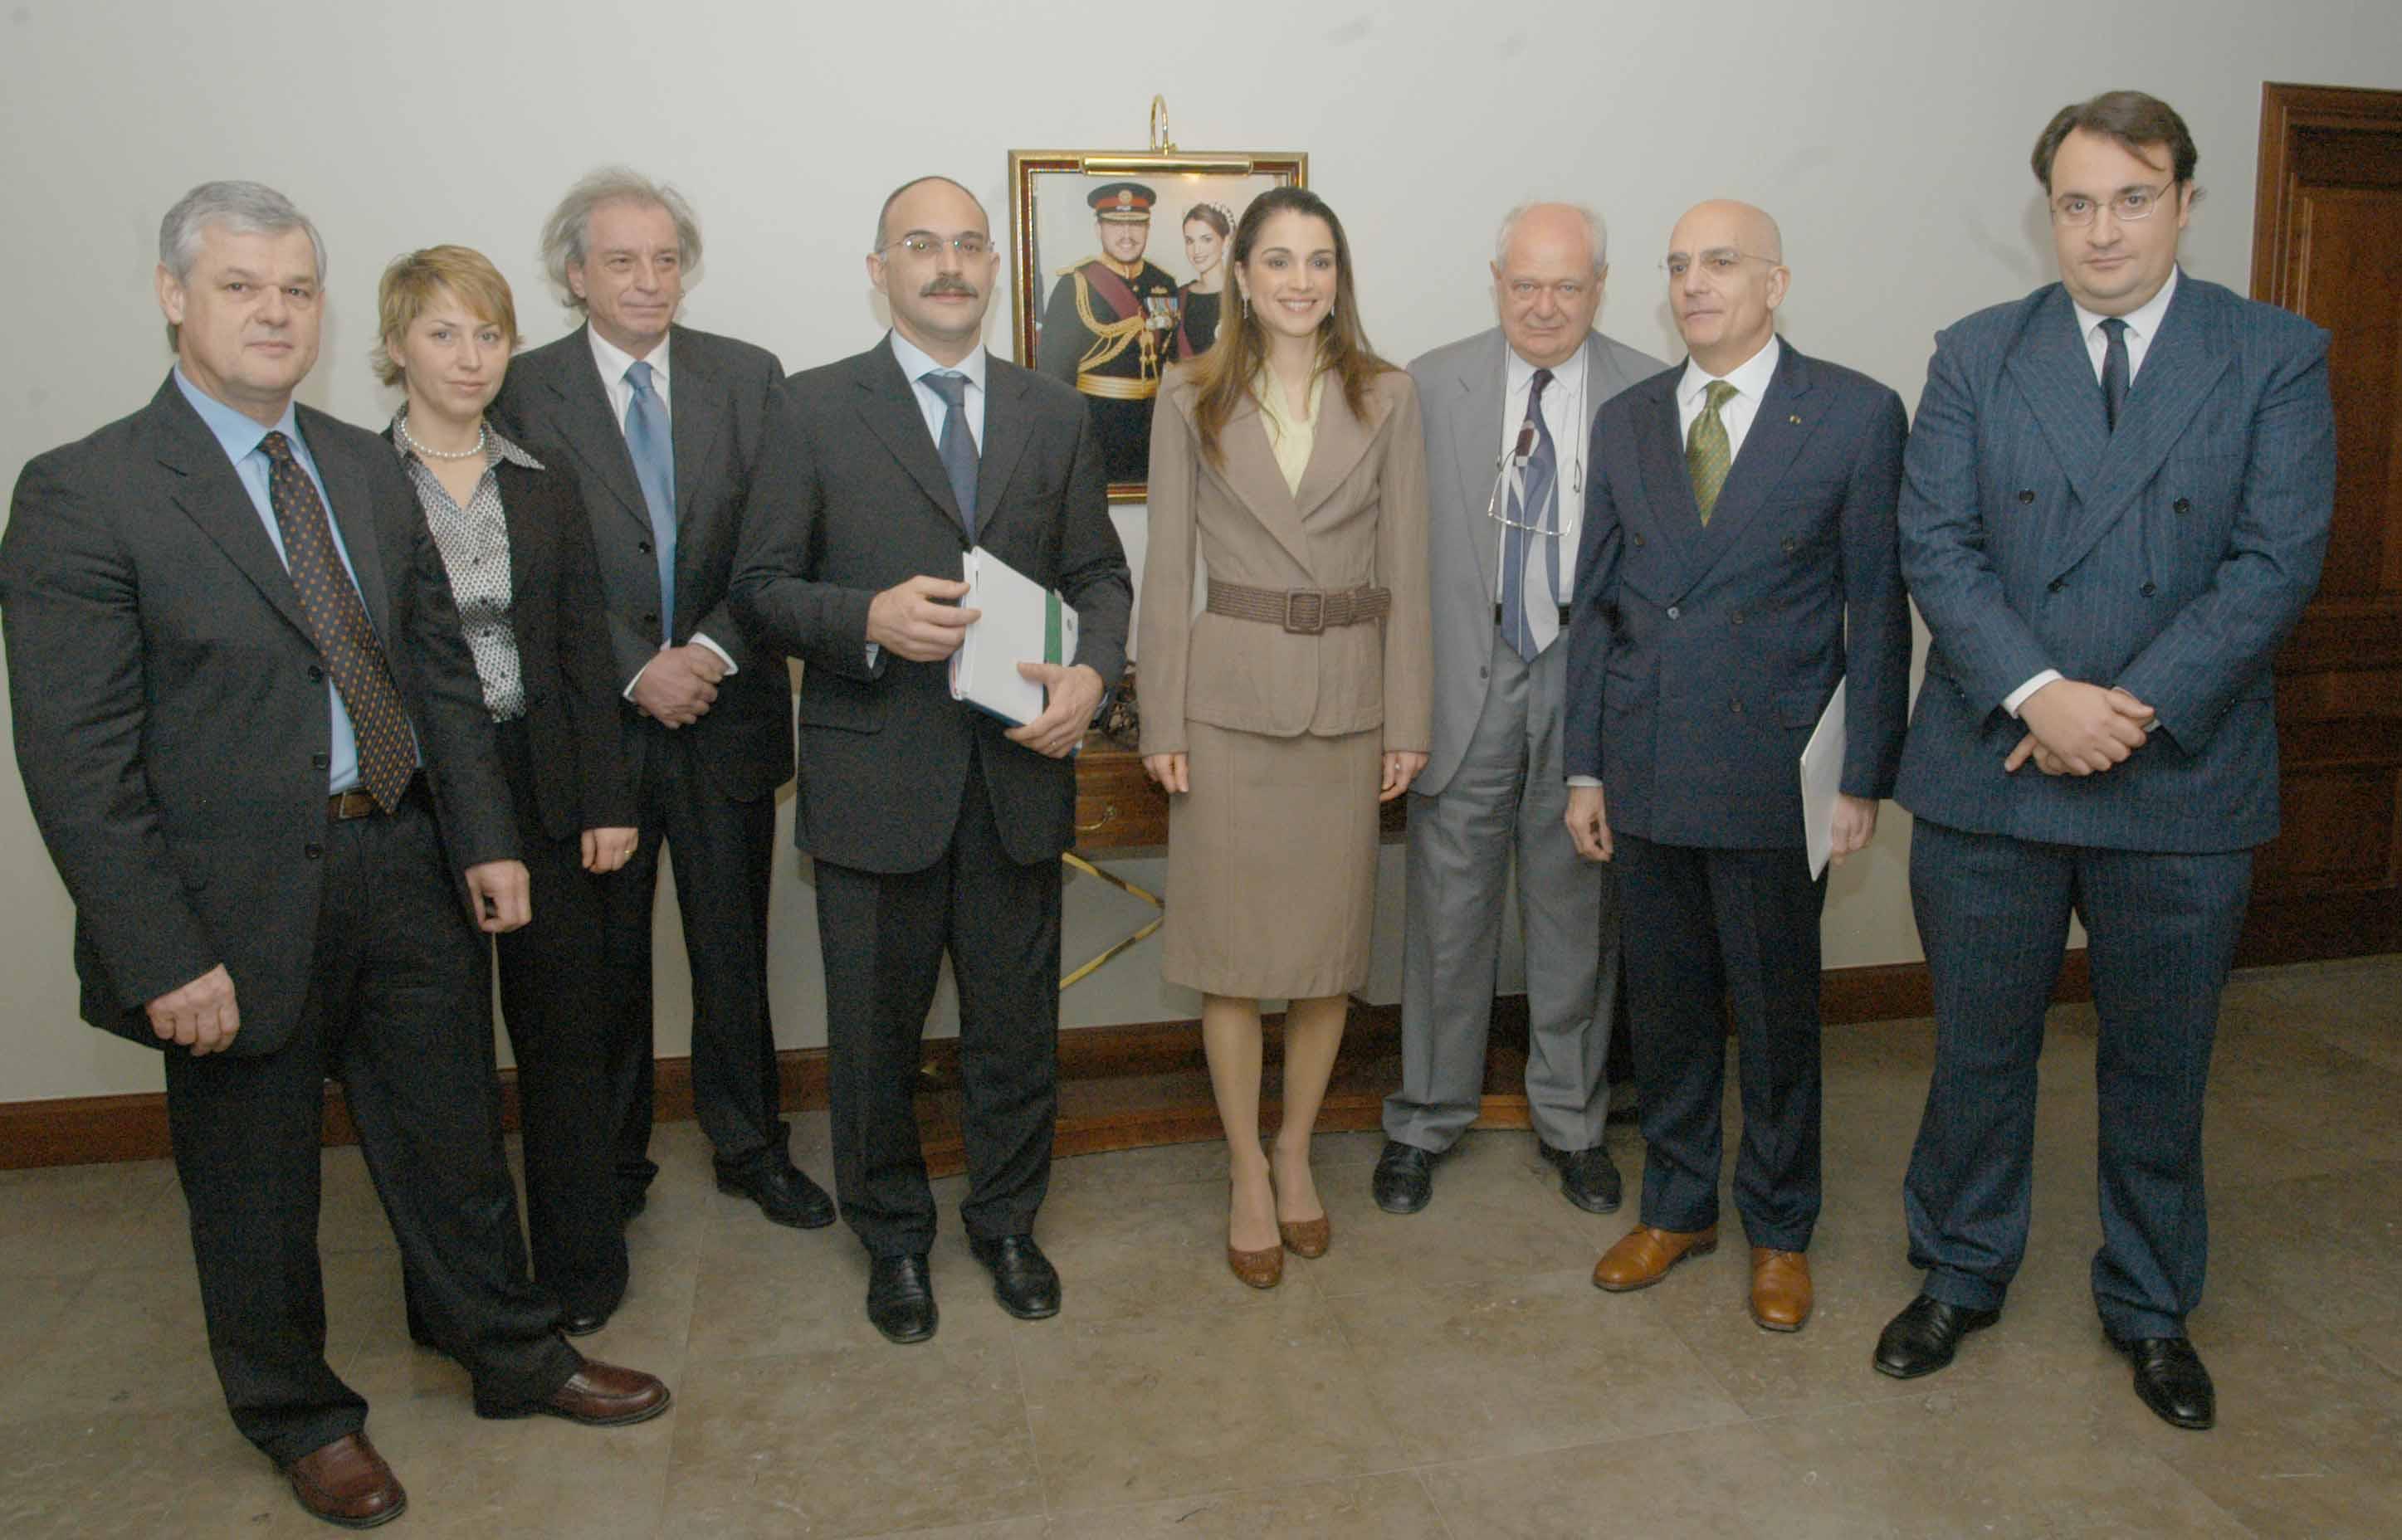 Visita ad Amman, marzo 2006: tra gli altri, da destra, il Sindaco Gabriele Albertini, Janiki Cingoli, Sua Maestà la Regina Rania, Antonio Ferrari, Sergio Escobar.